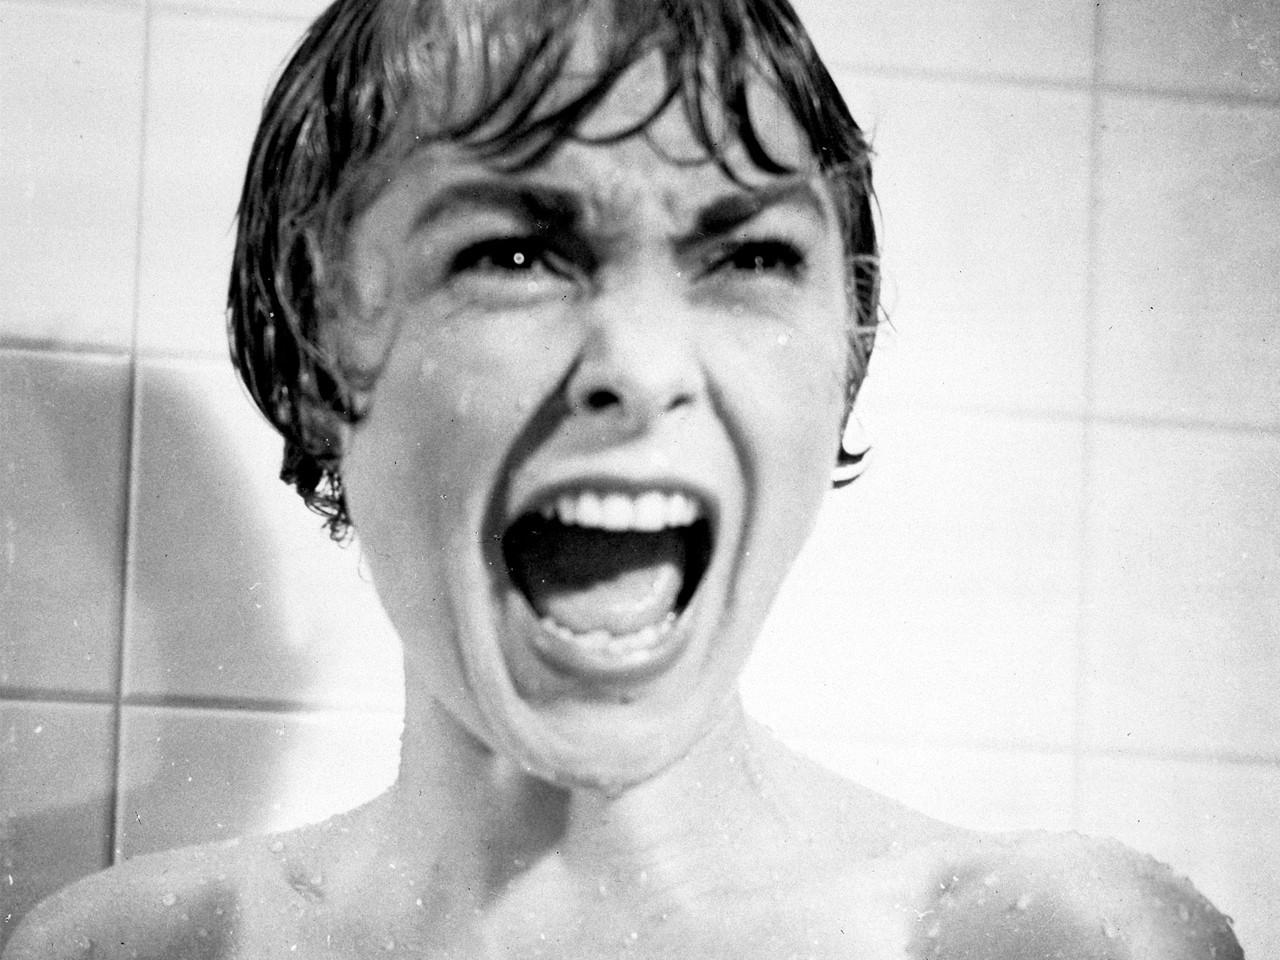 donna urla nella doccia dal film Psyco